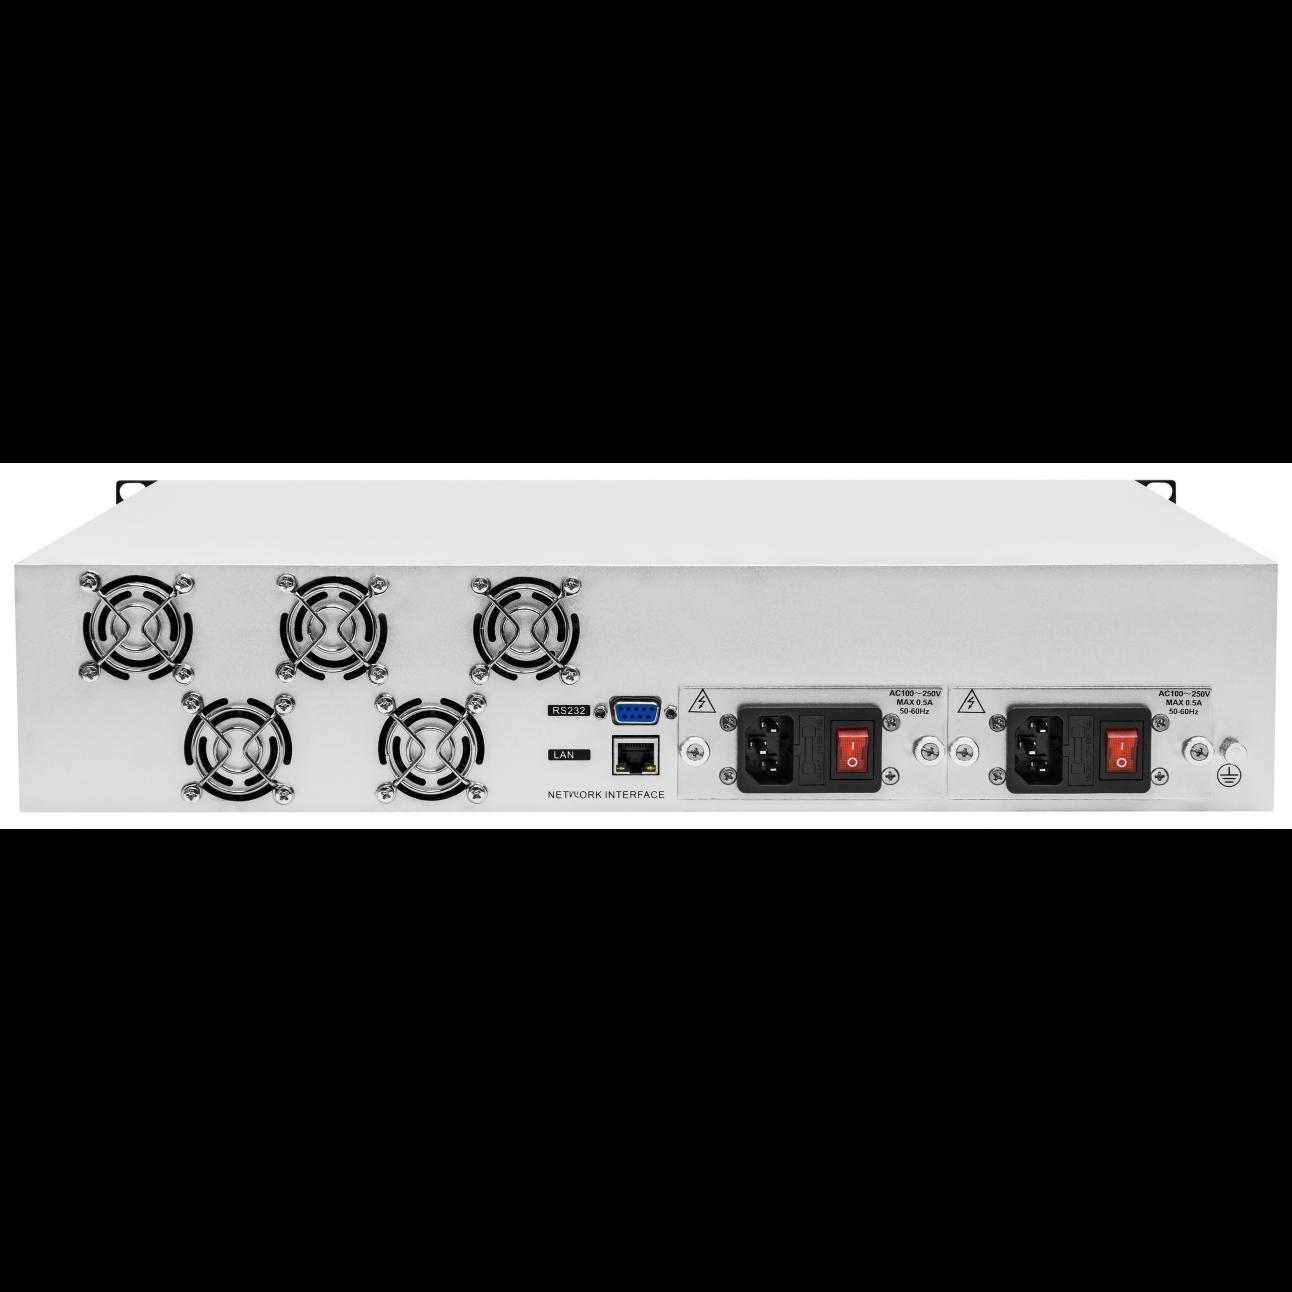 Оптический усилитель VERMAX для сетей КТВ, 2 входа, 8*22dBm выходов, PON фильтр